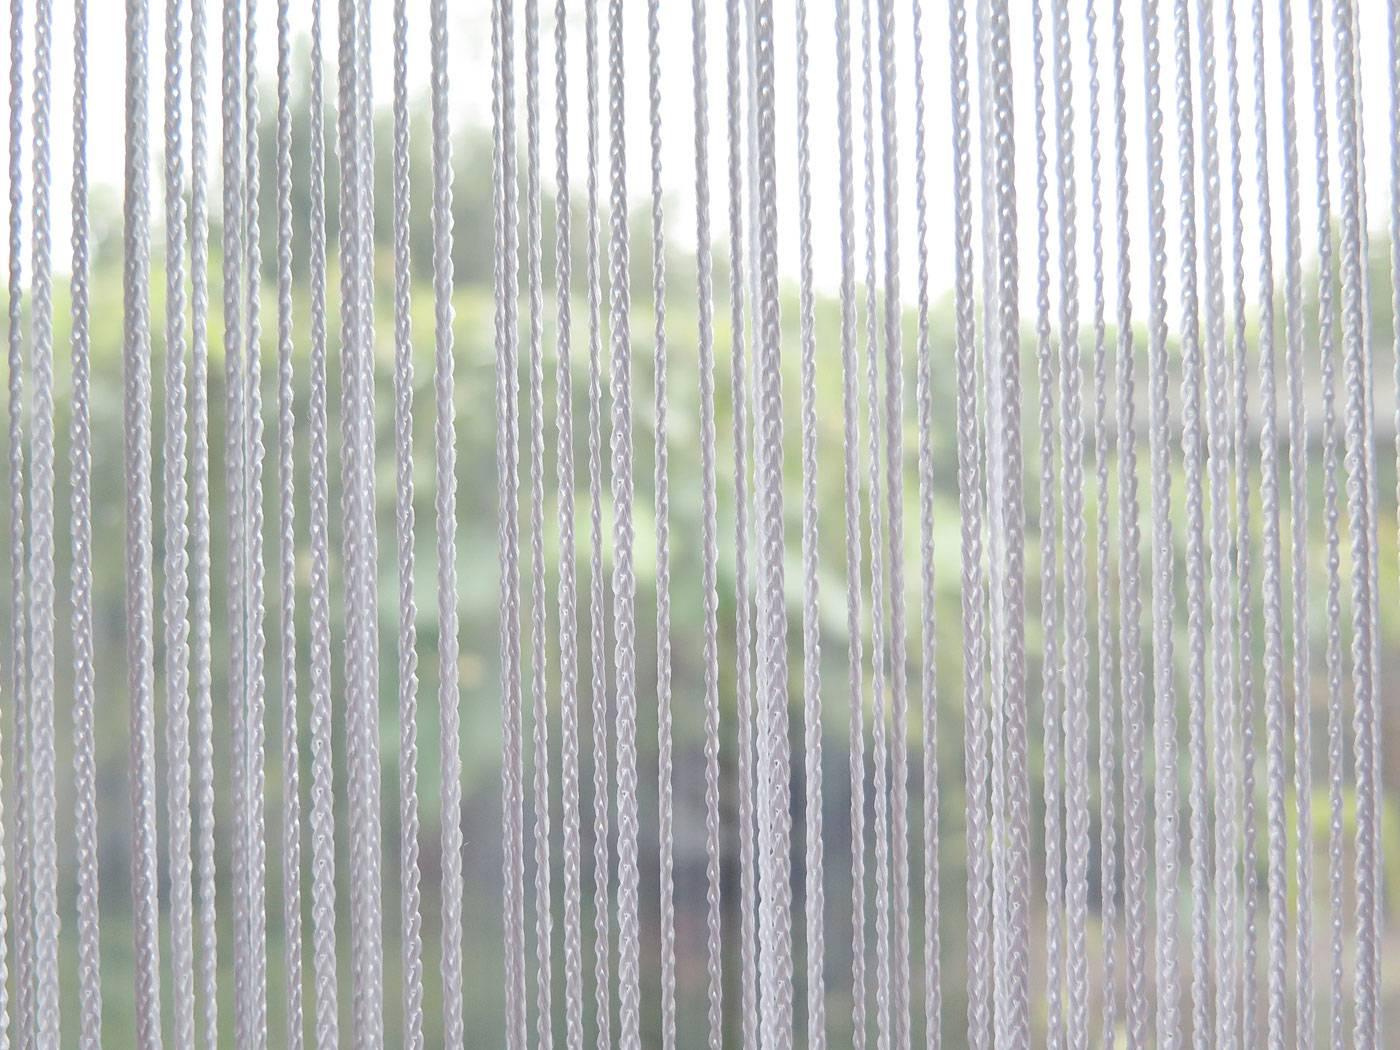 Fadenvorhang ORIENTA [weiss, Tür , Fliegenvorhang] | vorhang123.at